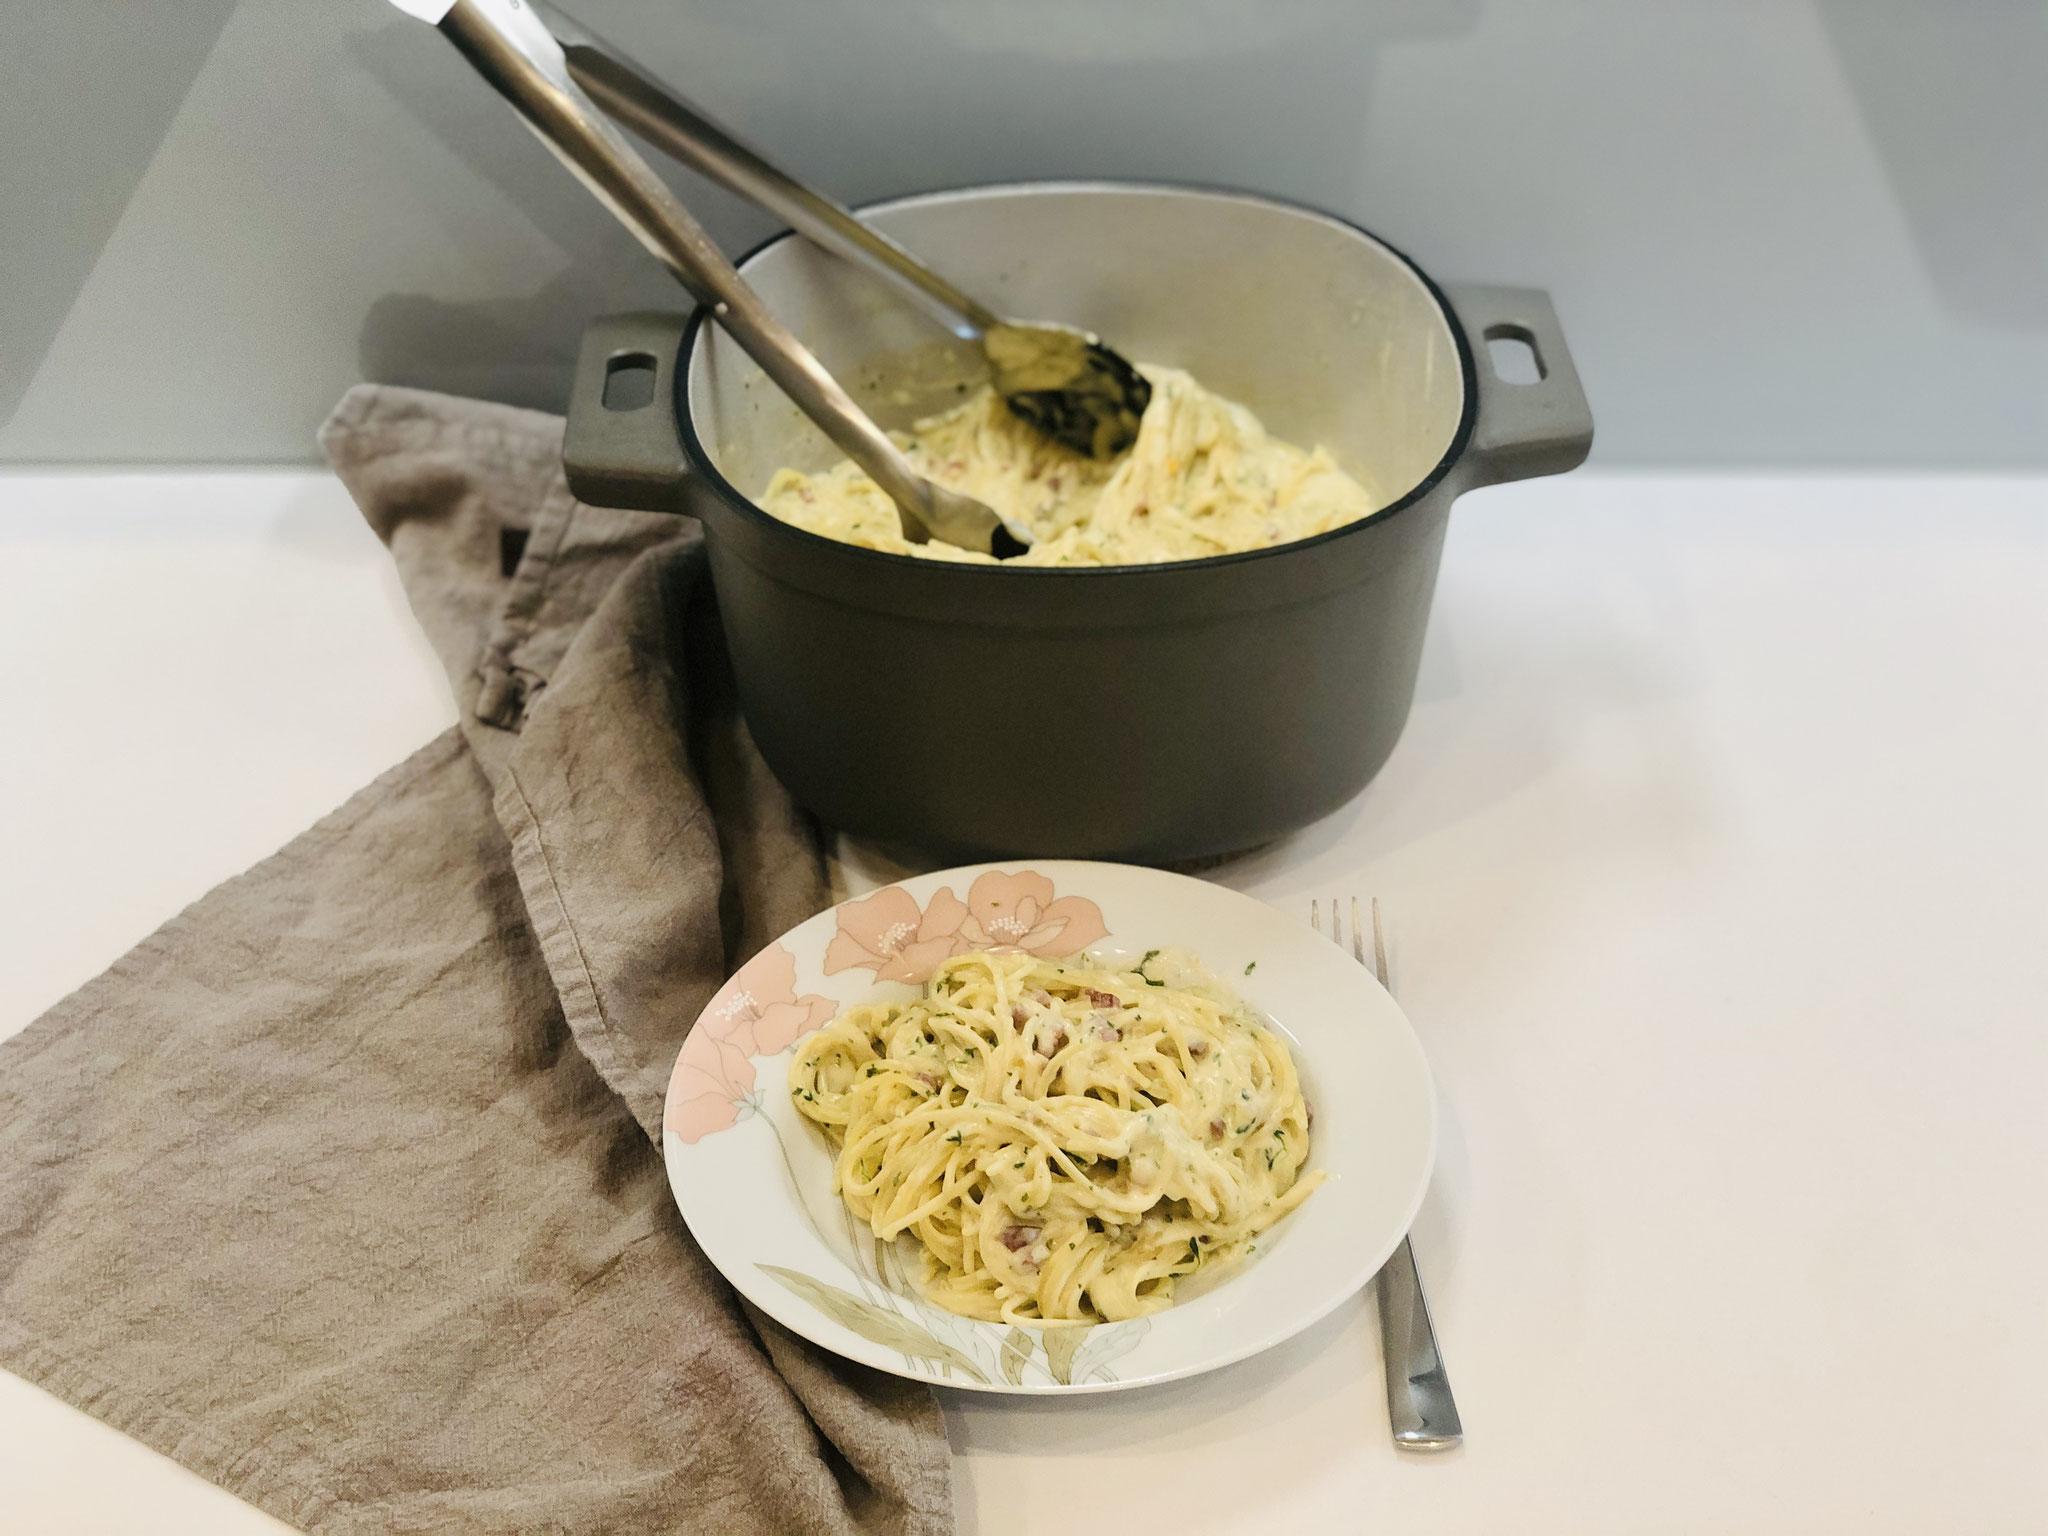 Alles aus einem Pott, das ist es was ich liebe ♥ Ich habe dieses Rezept im 5,7 Liter emaillierten Guss-Topf von Pampered Chef® zubereitet ♥